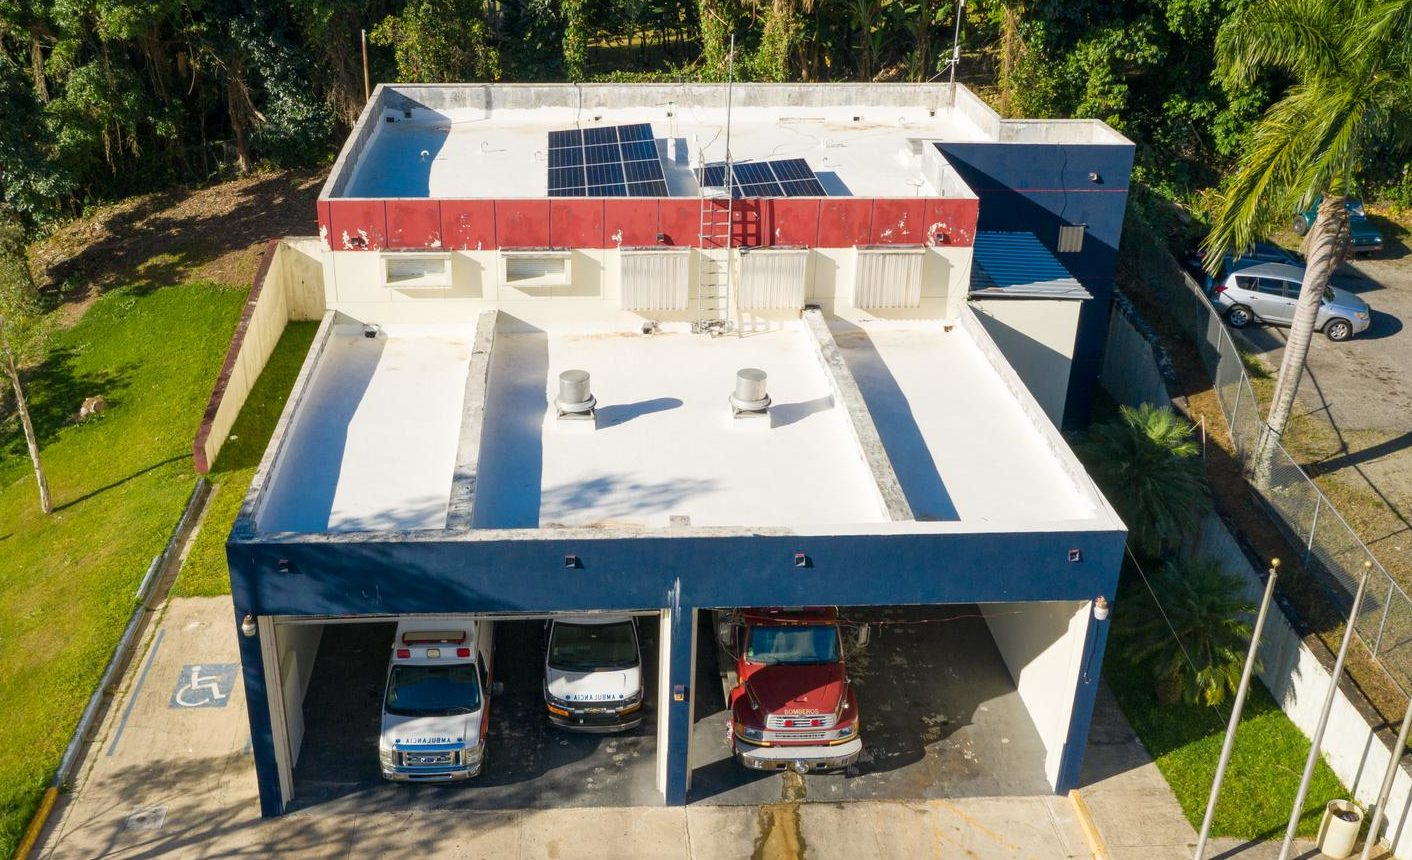 Estación del Cuerpo de Bomberos y Emergencias Médicas en Adjuntas.